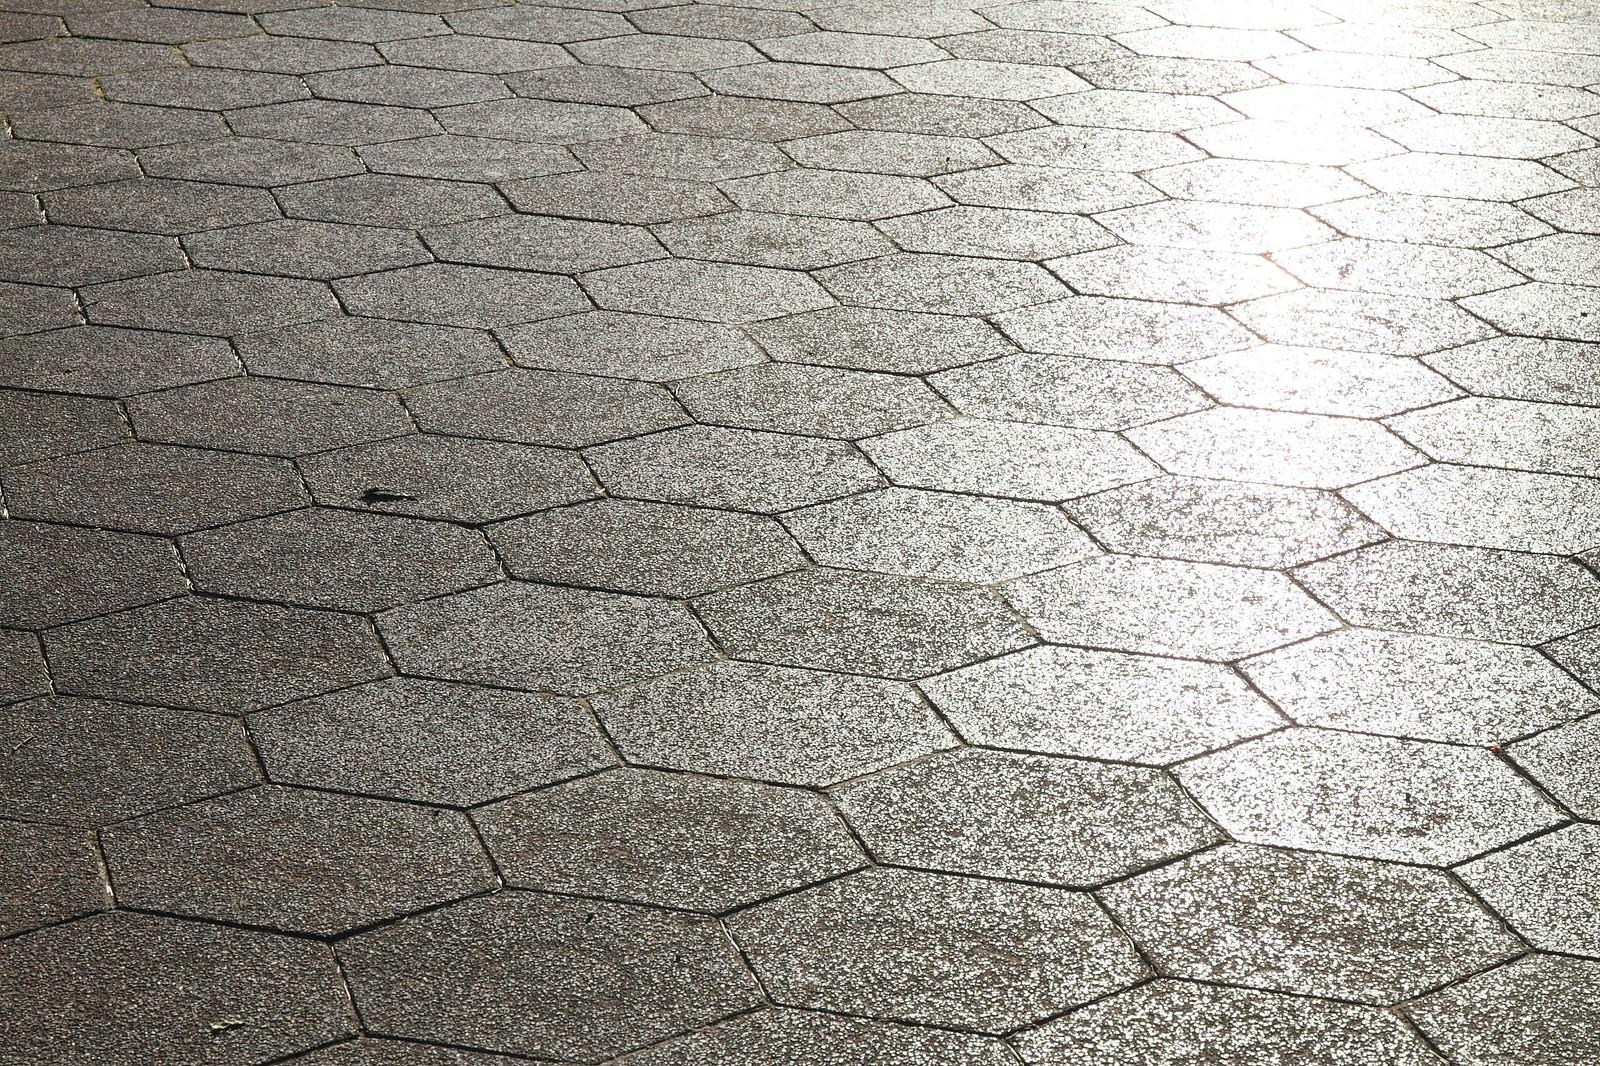 「光が差し込む道路」の写真